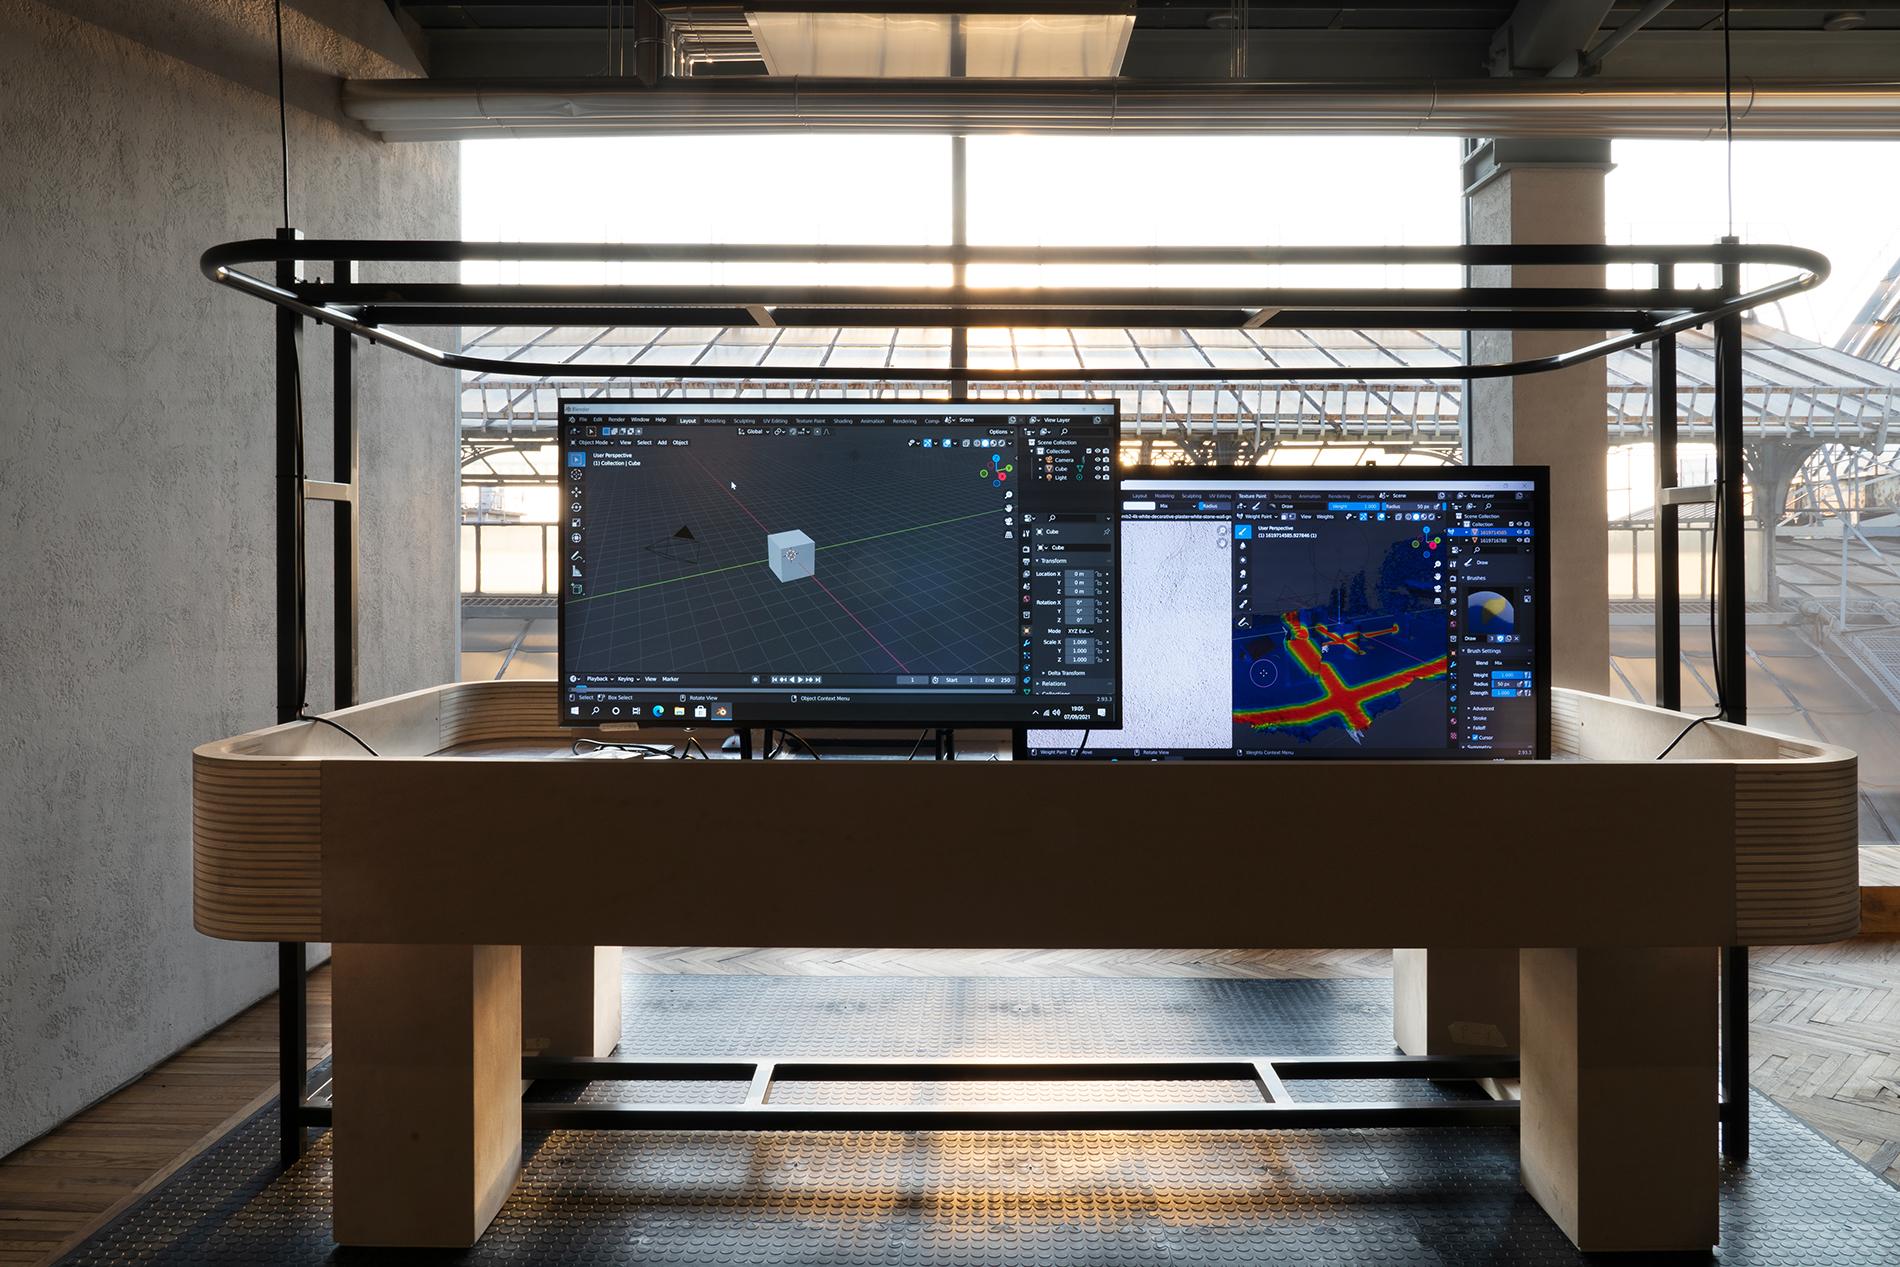 """Ausstellungsansicht """"Sturm&Drang"""", Osservatorio Fondazione Prada, Mailand, Digital industry, 2021, Holzstruktur, Eisenstangenpole, Plexiglas, MDF, Computer. Foto: Jacopo Farina. Courtesy: Fondazione Prada"""